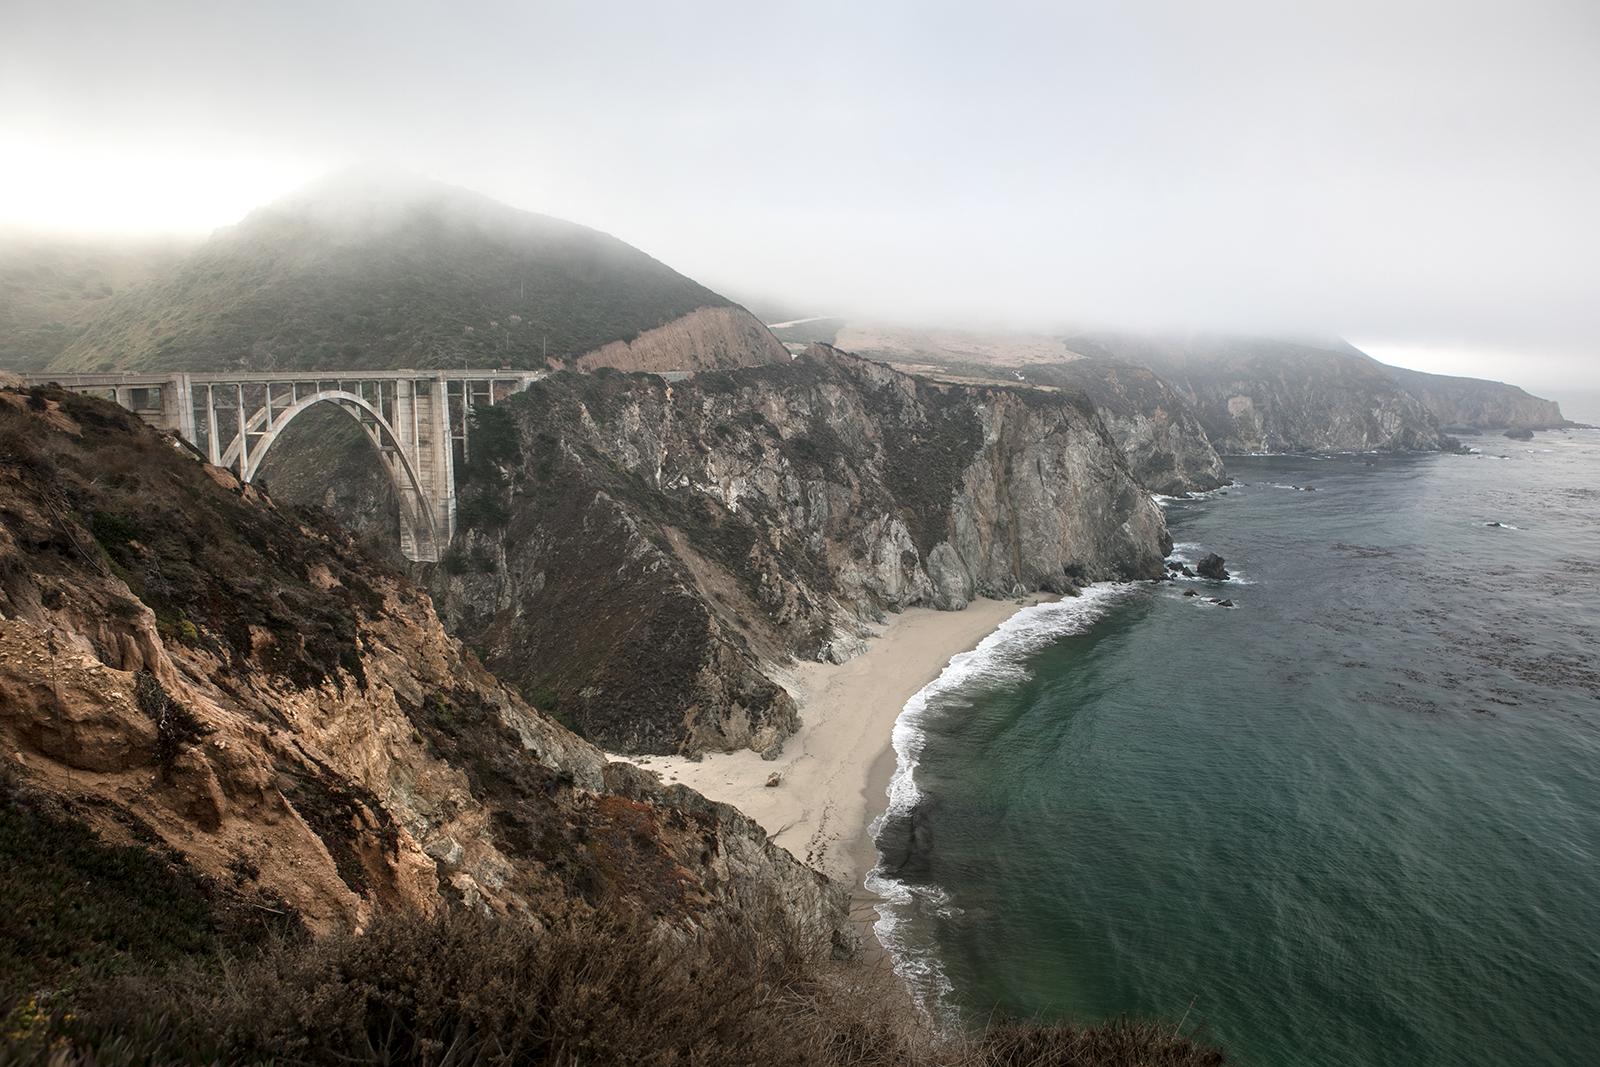 Road trip highway 1 Californie